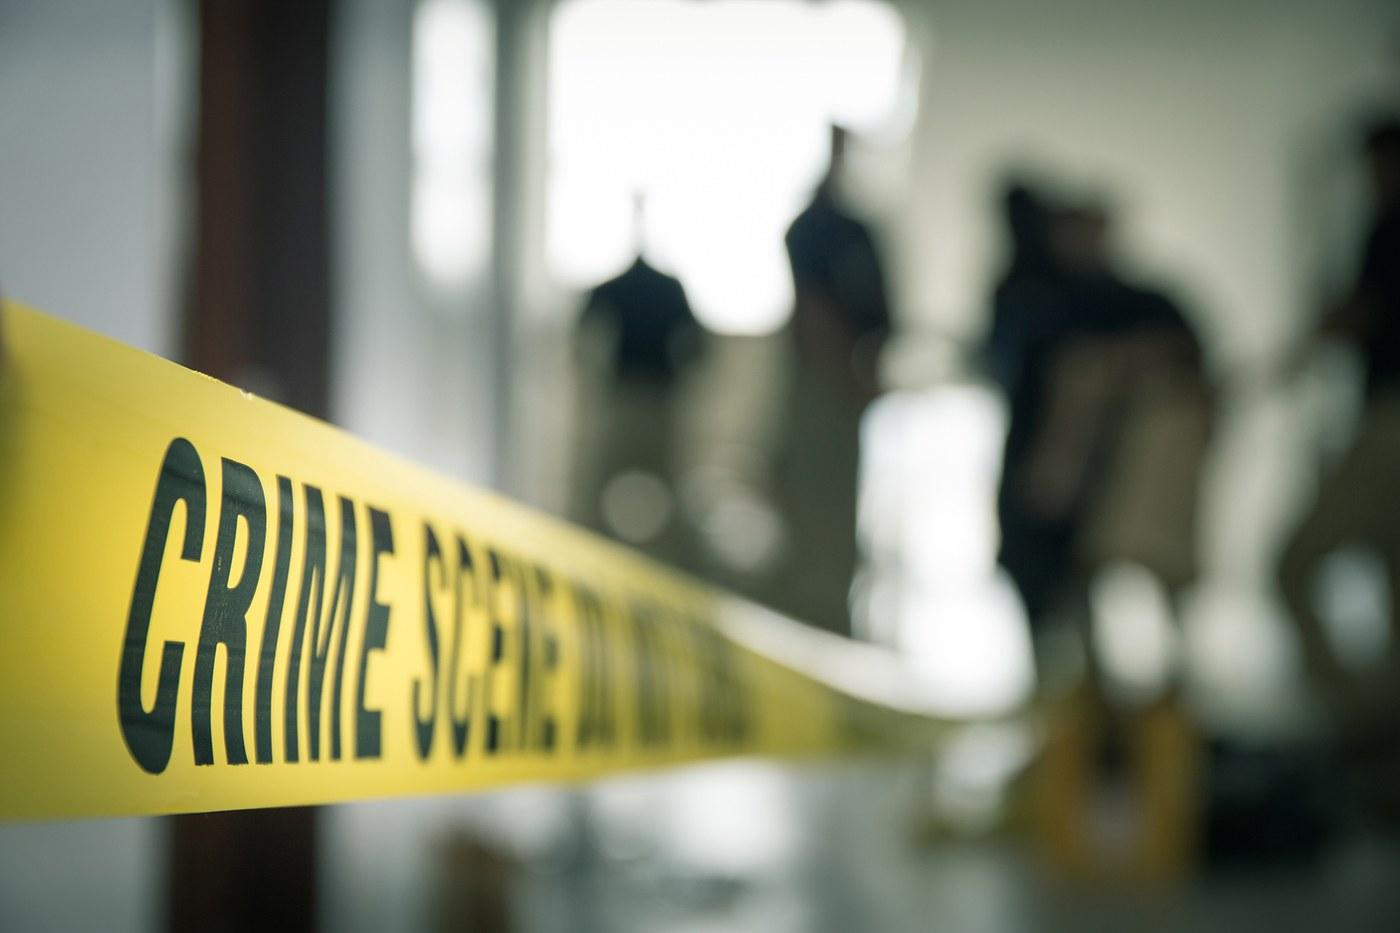 Hành vi nào sẽ cấu thành tội vu khống?